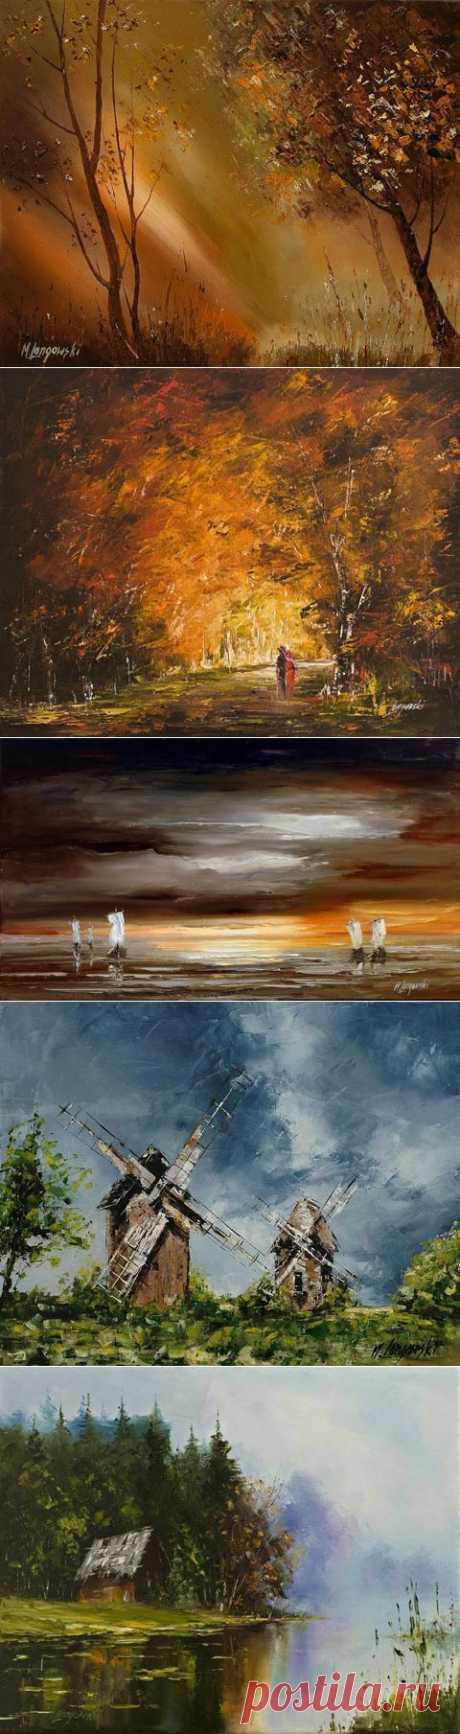 Марек Ланговский (Marek Langowski), часть 2 - Магелланово облако